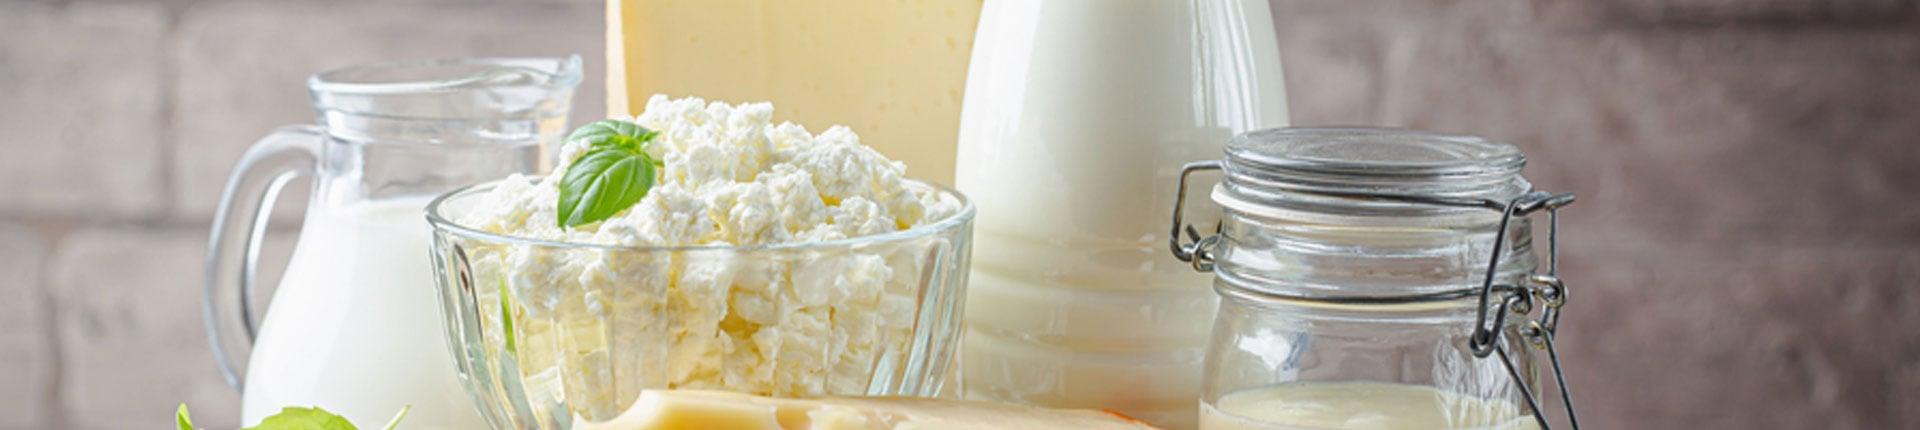 Mleko i nabiał: czy jest dla nich miejsce w zdrowej diecie?